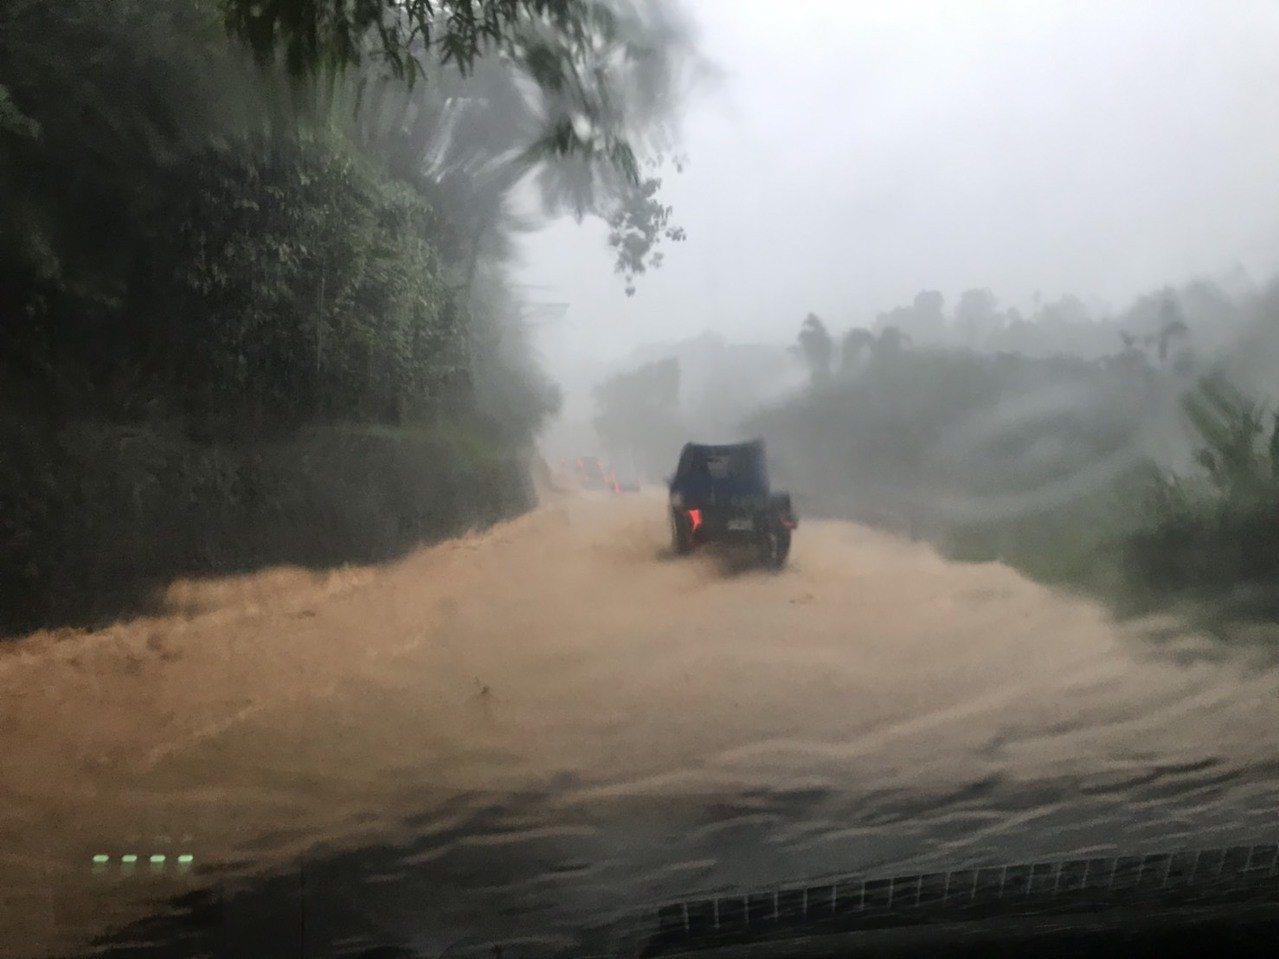 埔里鎮大坪頂上午洪水夾帶土石衝向路面,導致車輛受困,幸好驚險脫困。圖/泰雅渡假村...